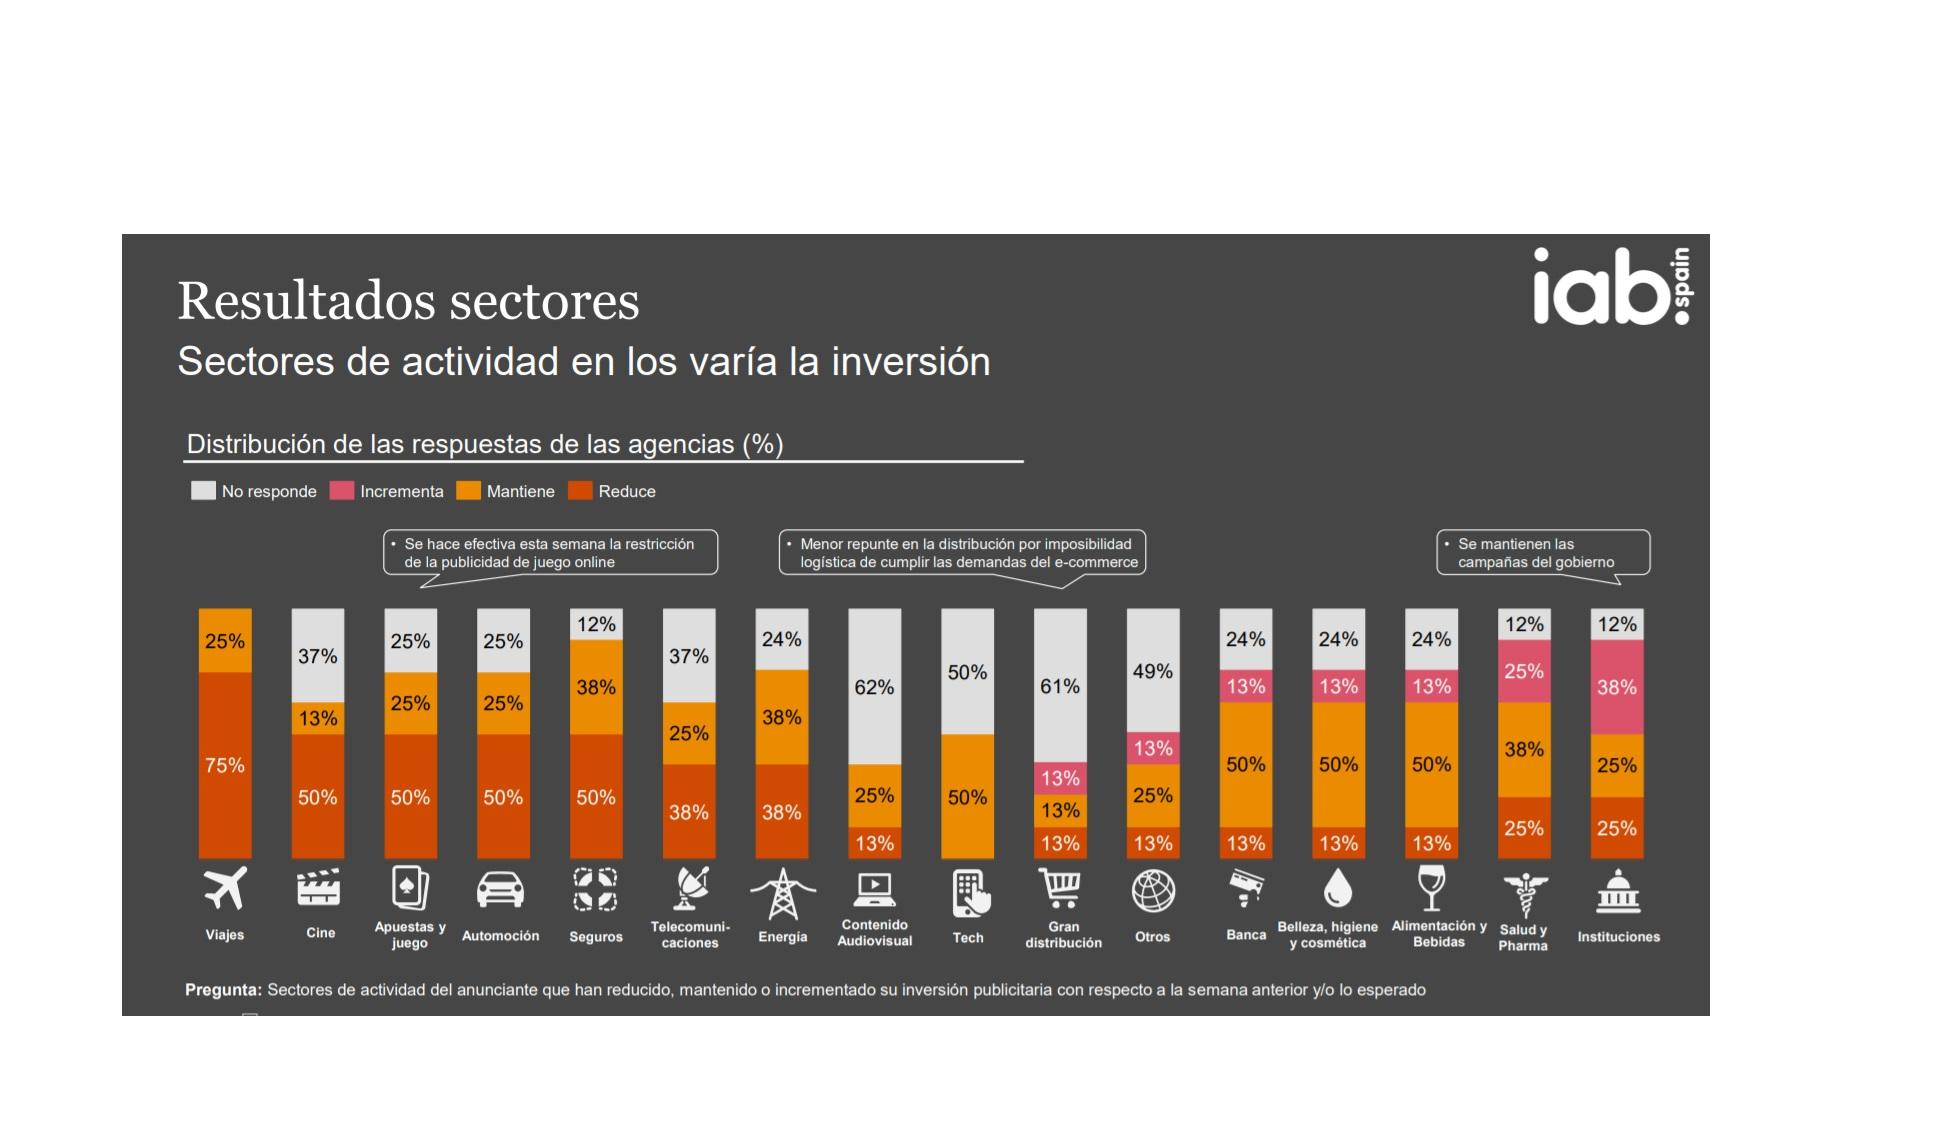 https://www.programapublicidad.com/wp-content/uploads/2020/04/iab-pwc-flash-sectores-inversión-digital-programapublicidad.jpg